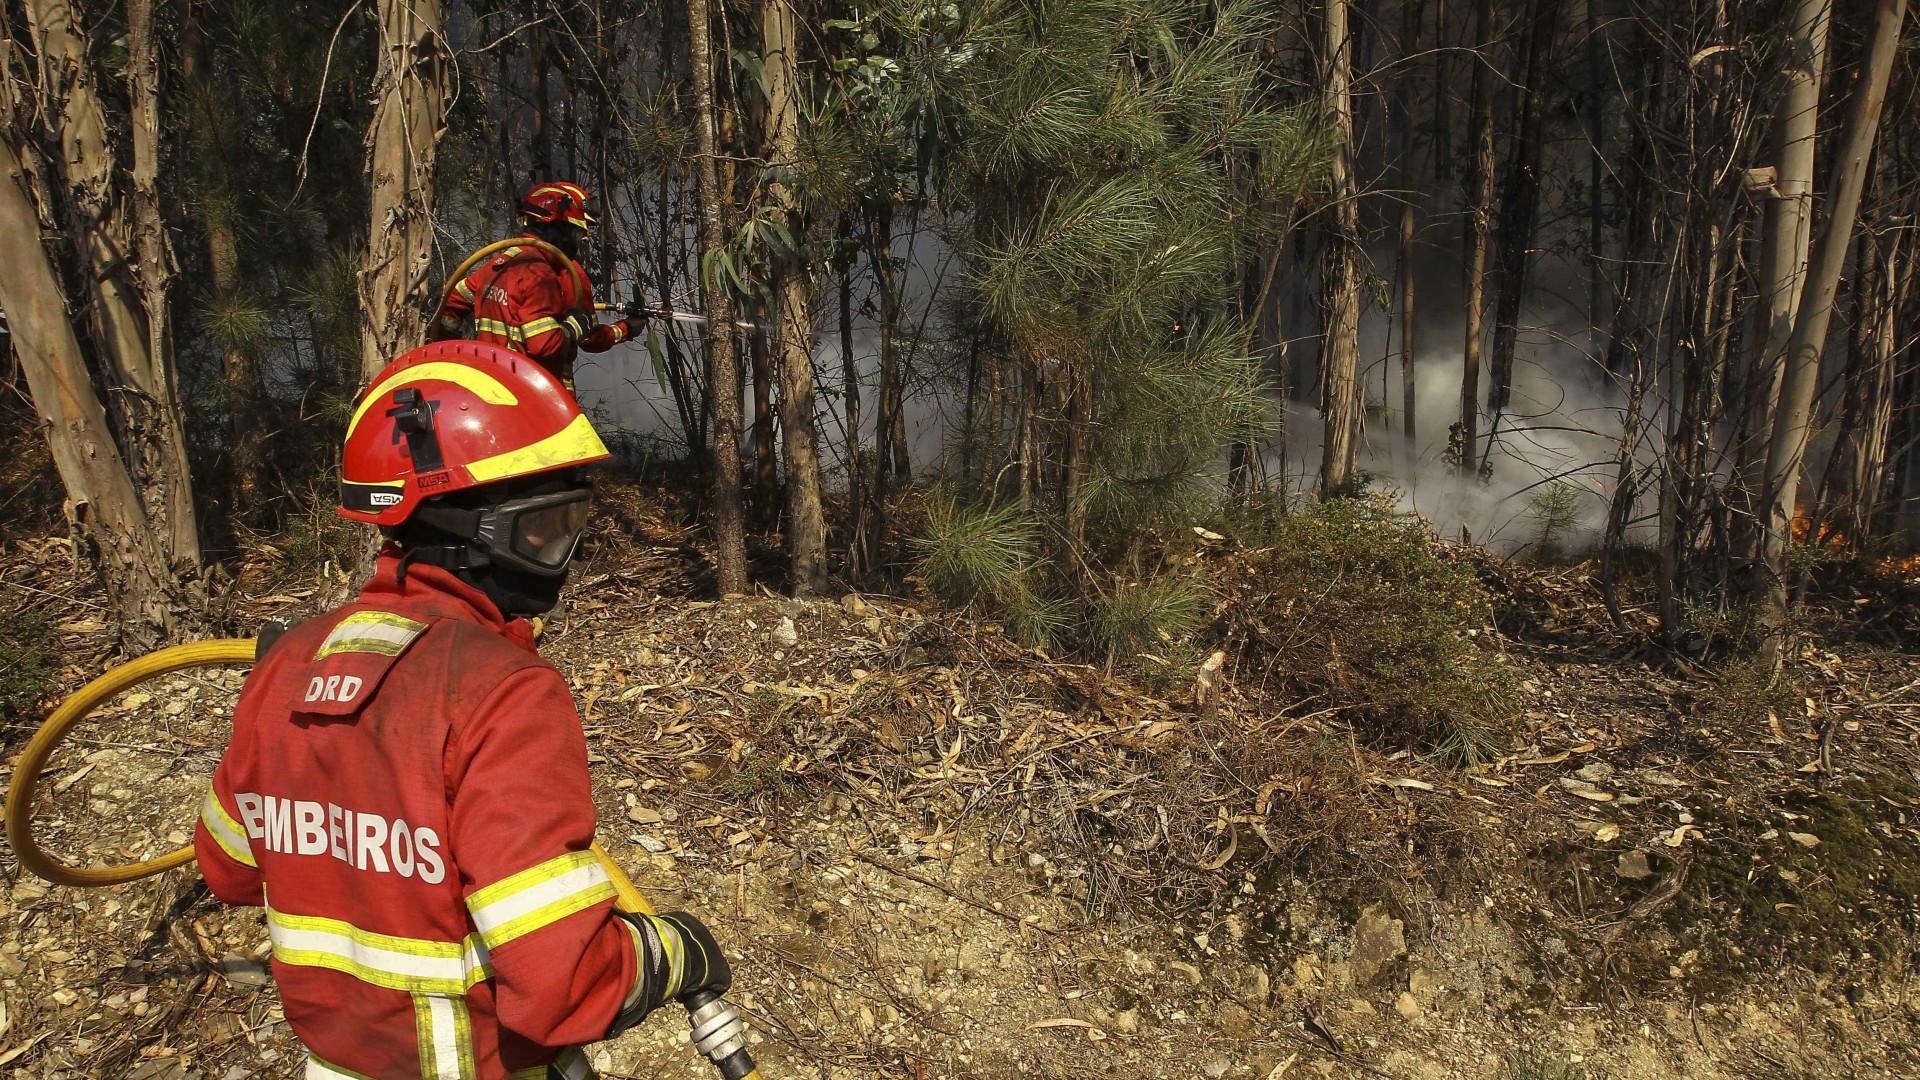 Vinte e nove concelhos de seis distritos com risco máximo de incêndio